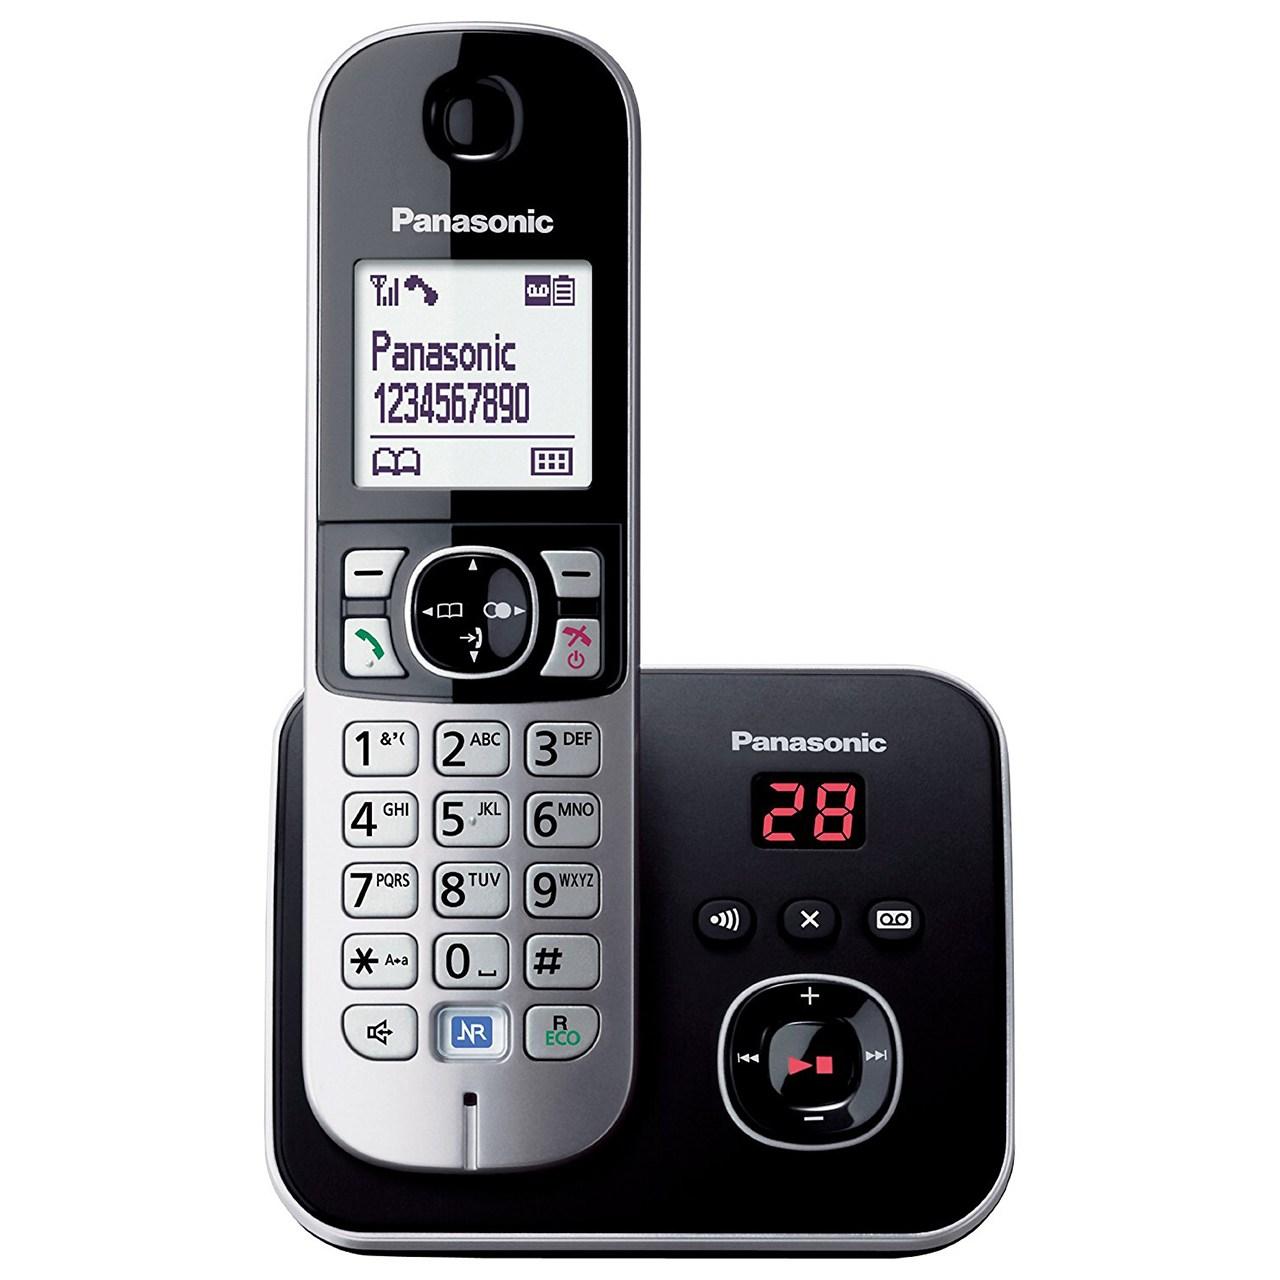 خرید اینترنتی تلفن بی سیم پاناسونیک مدل KX-TG6821